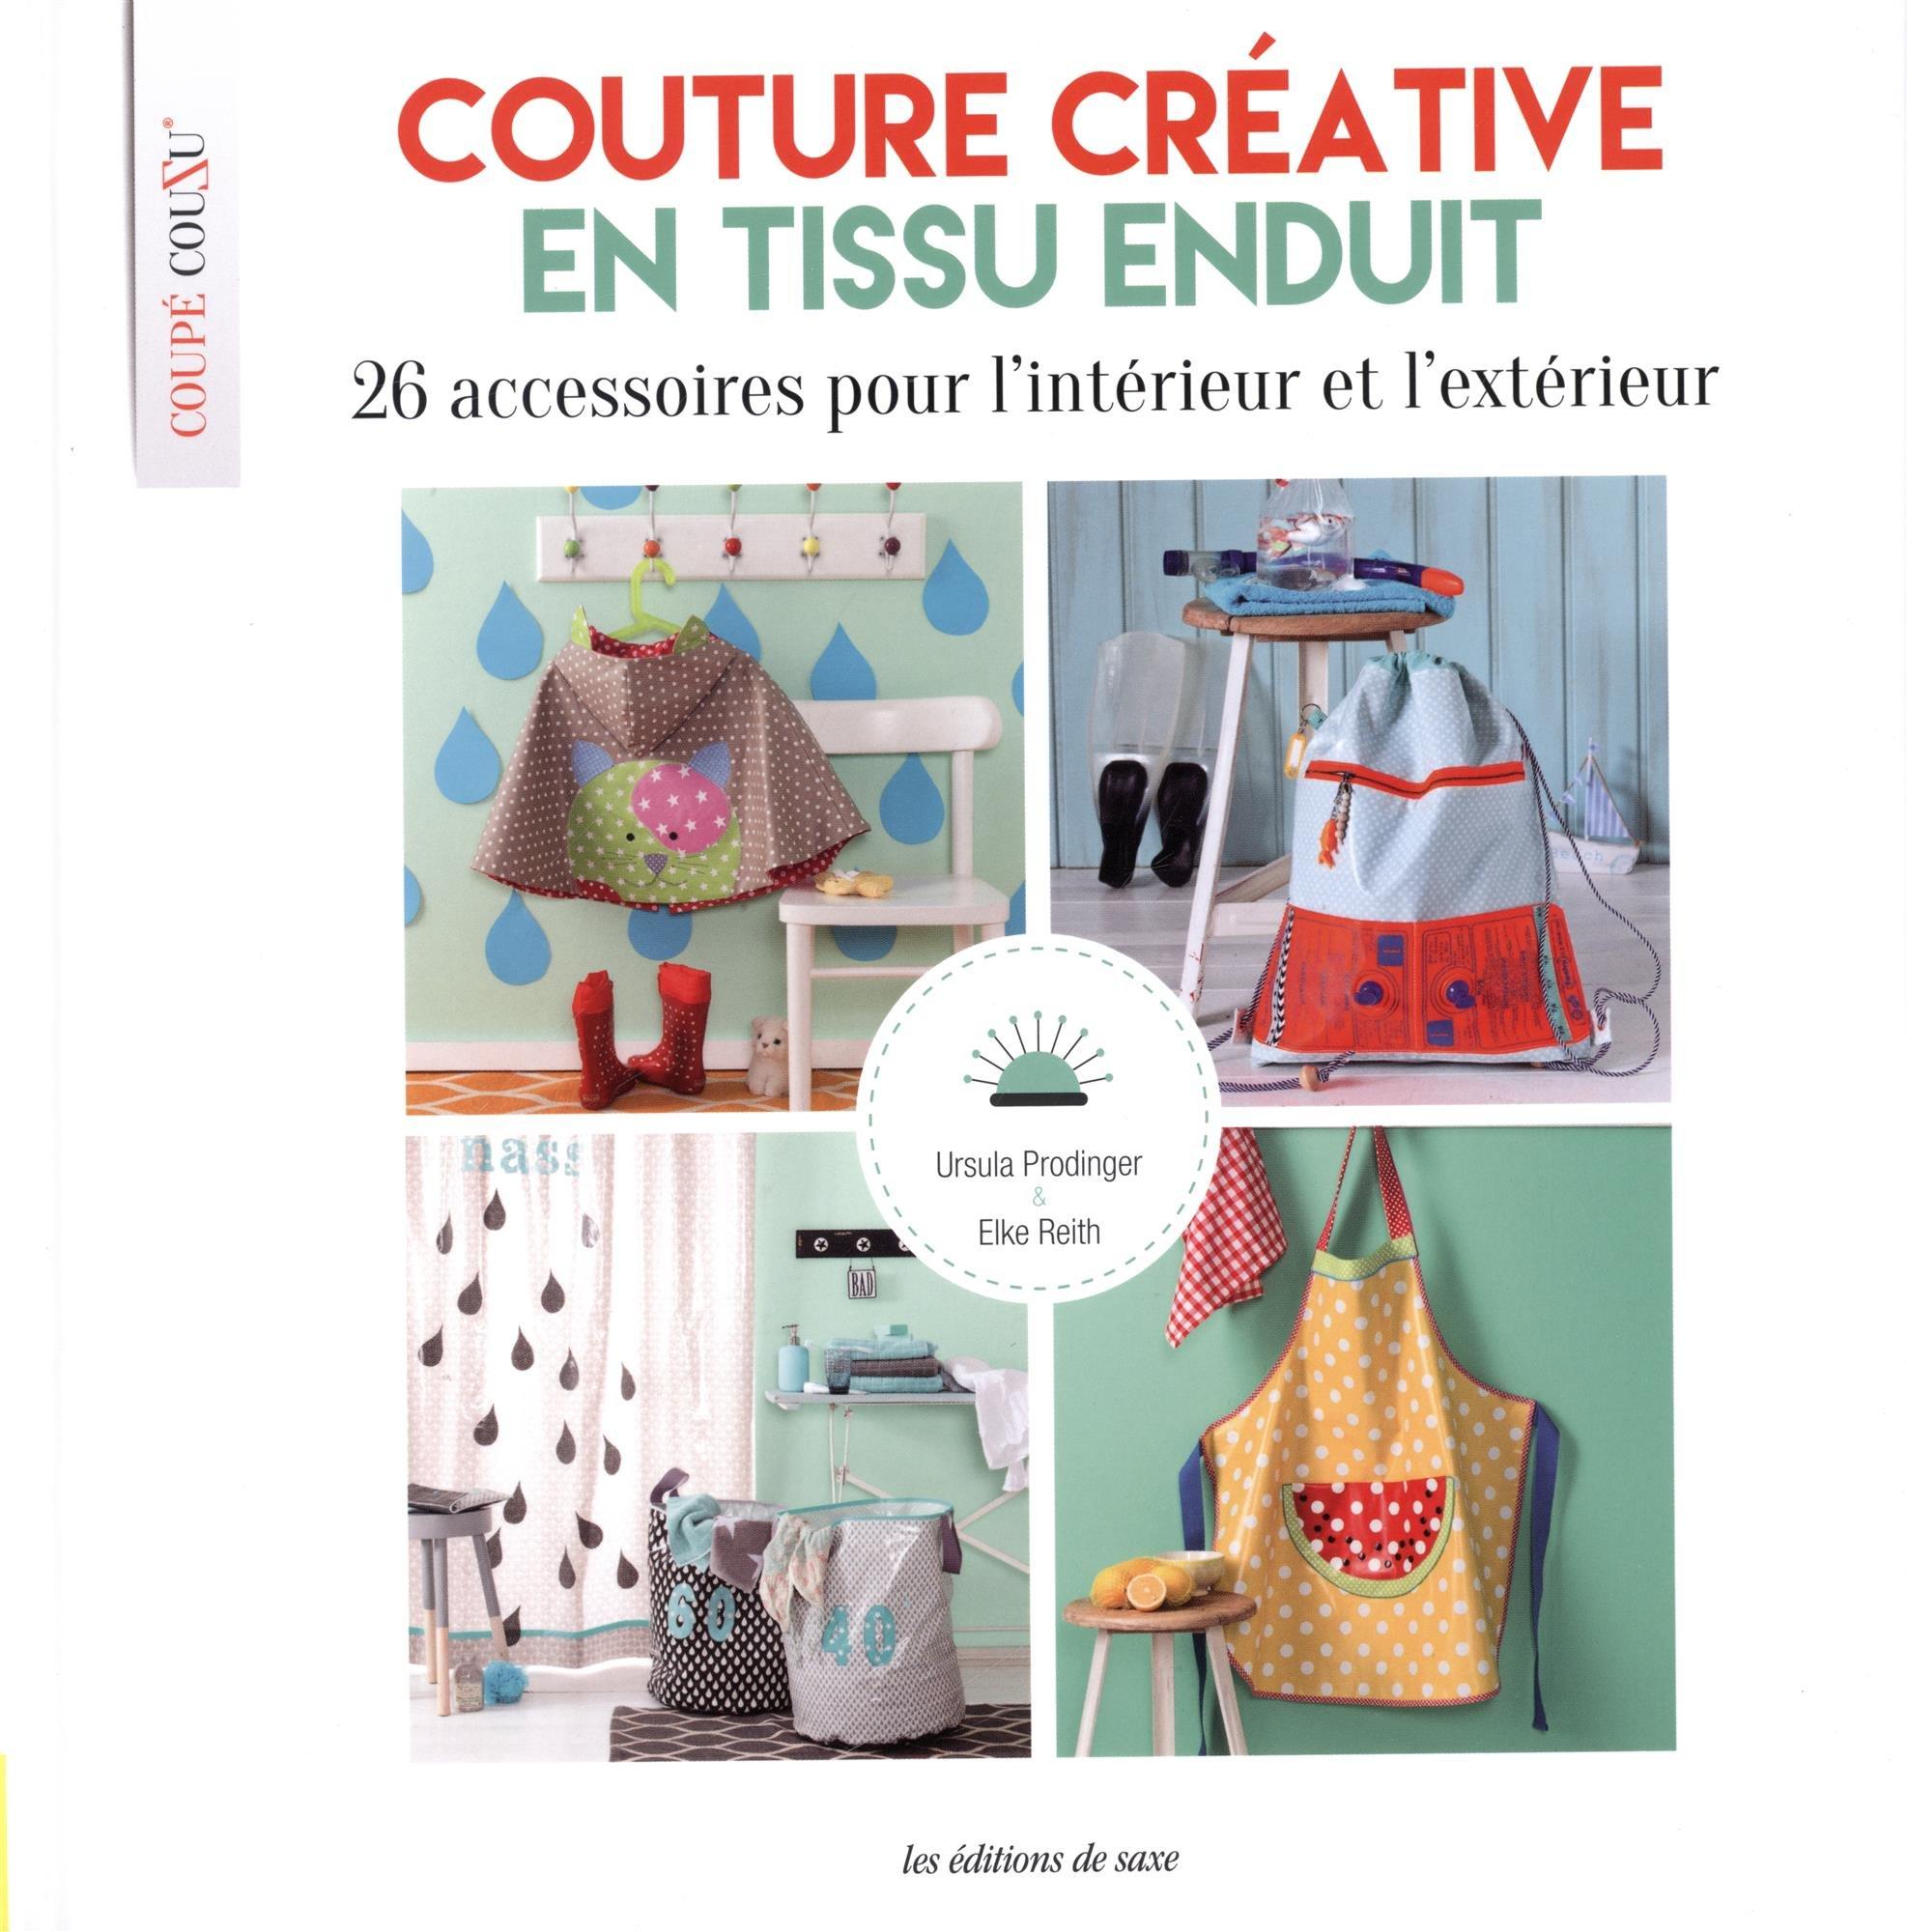 Amazon.fr - Couture créative en tissu enduit : 26 accessoires pour  l'intérieur et l'extérieur. Avec patrons - Collectif, Ursula Prodinger,  Elke Reith, ...